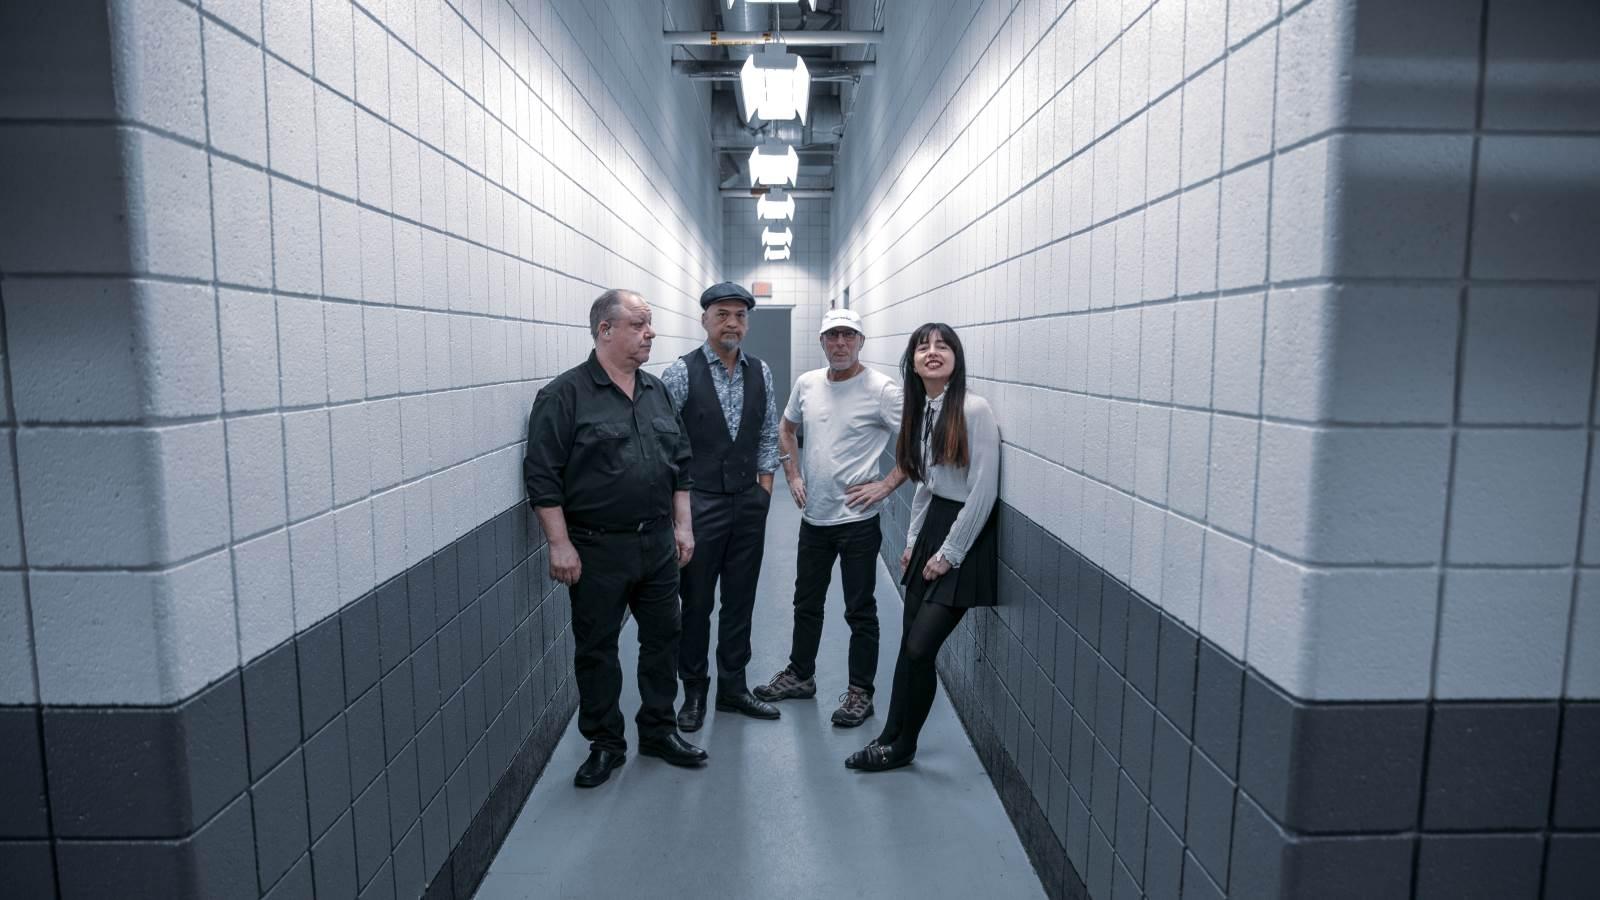 pixies-tour-2019